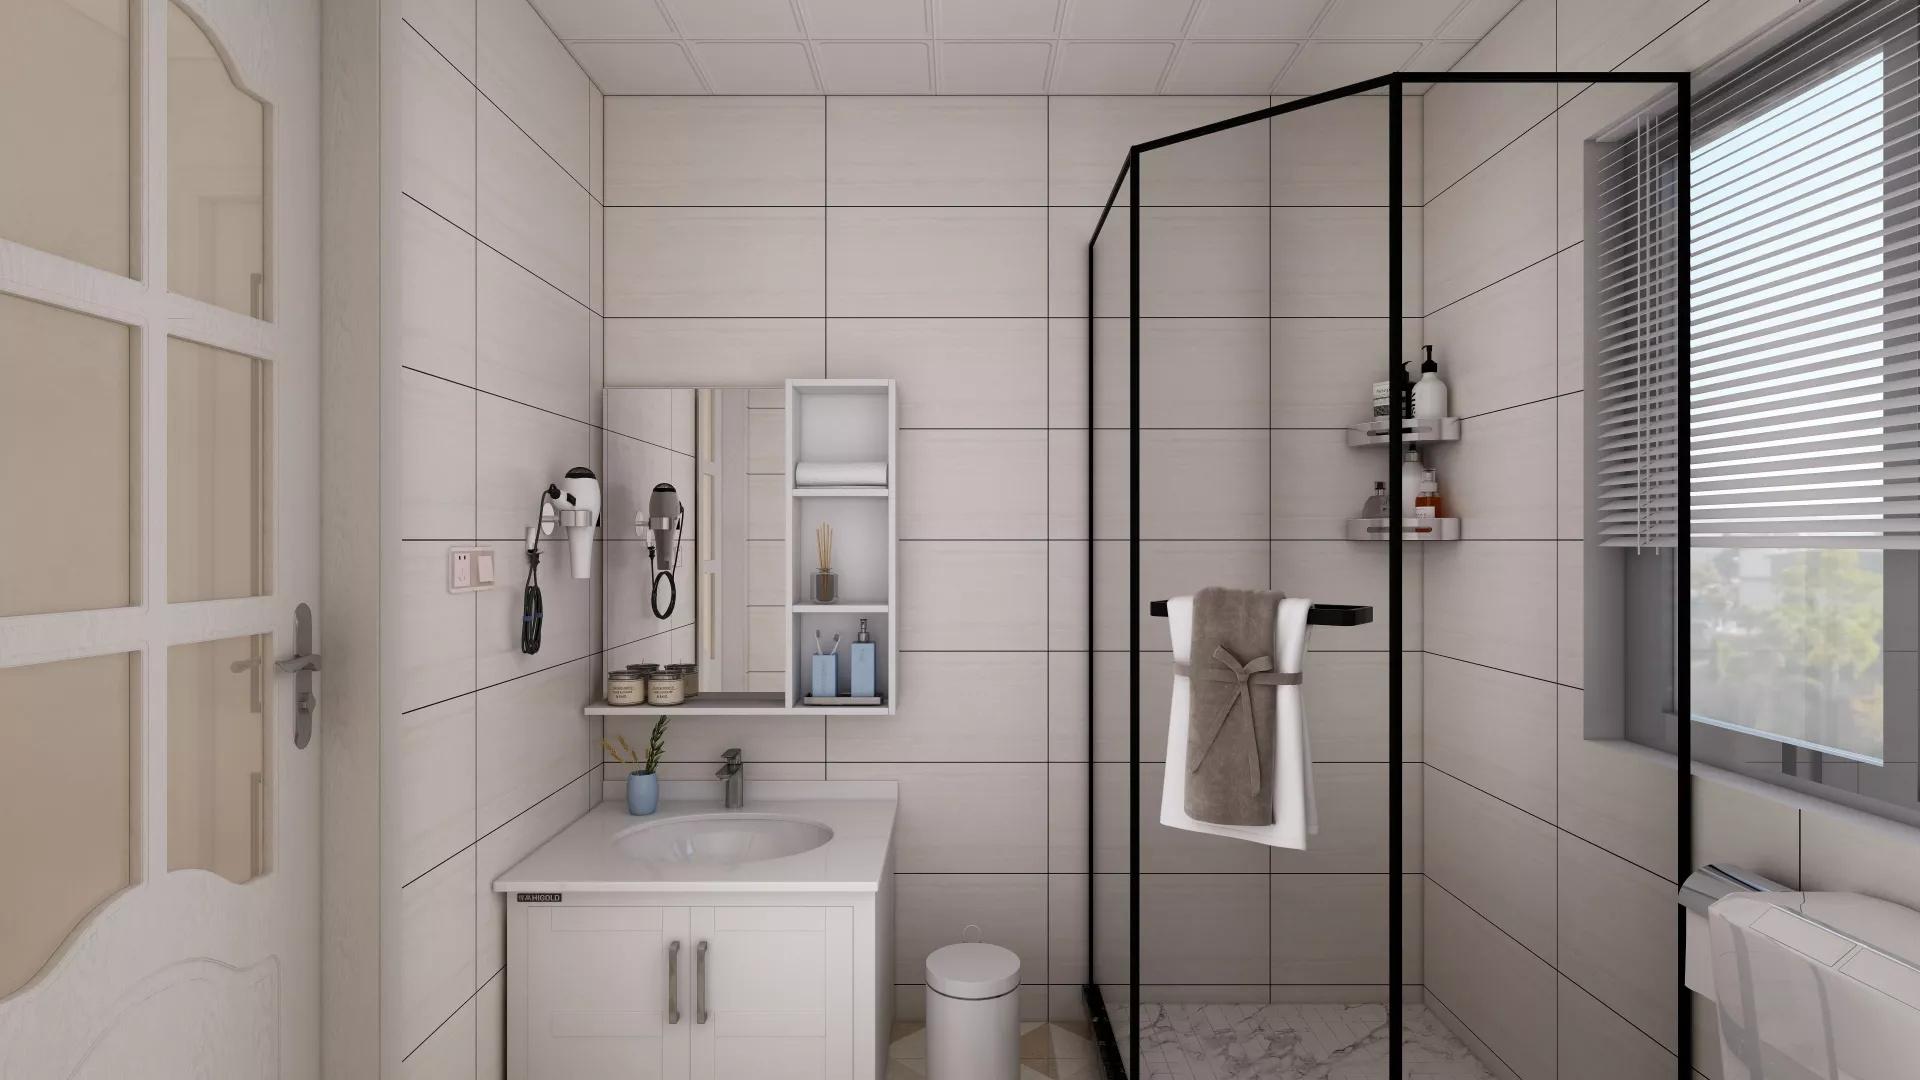 挑高客厅怎么做 挑高客厅装修设计技巧是什么